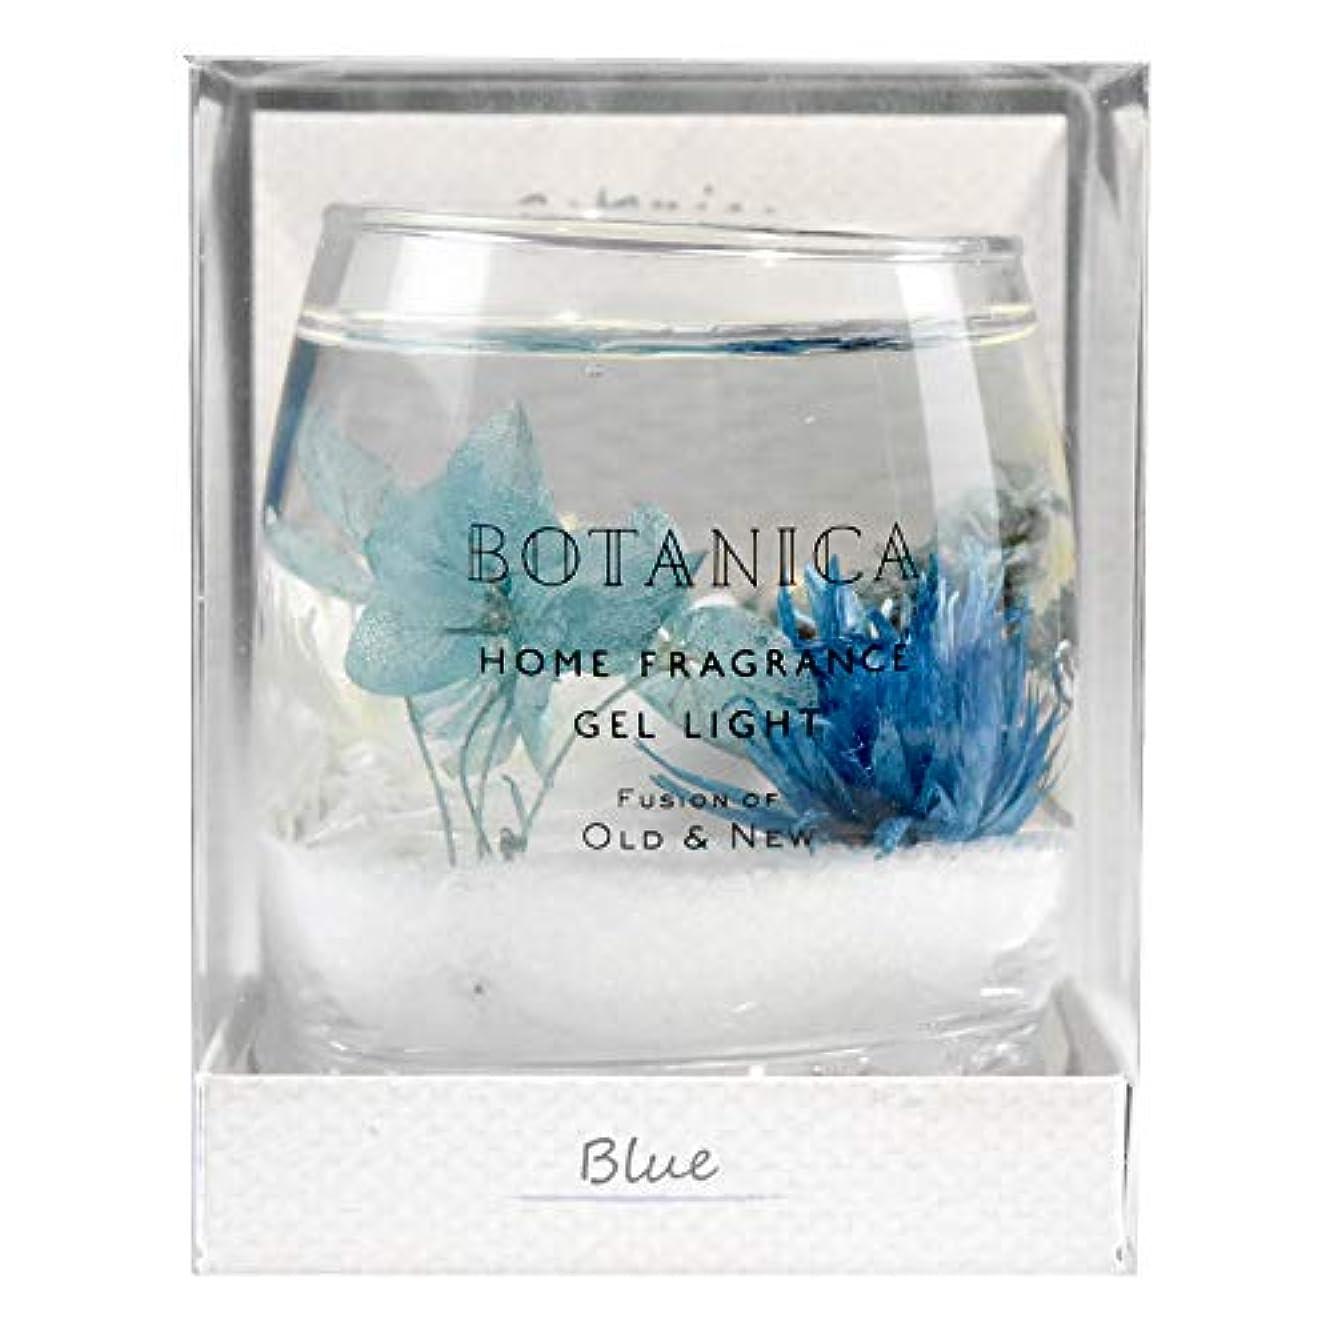 ボタニカ アロマジェルライト LED ルームフレグランス (ブルー) インテリアフラワー 芳香 アロマ インテリアグリーン キャンドルライト プレセント ギフト